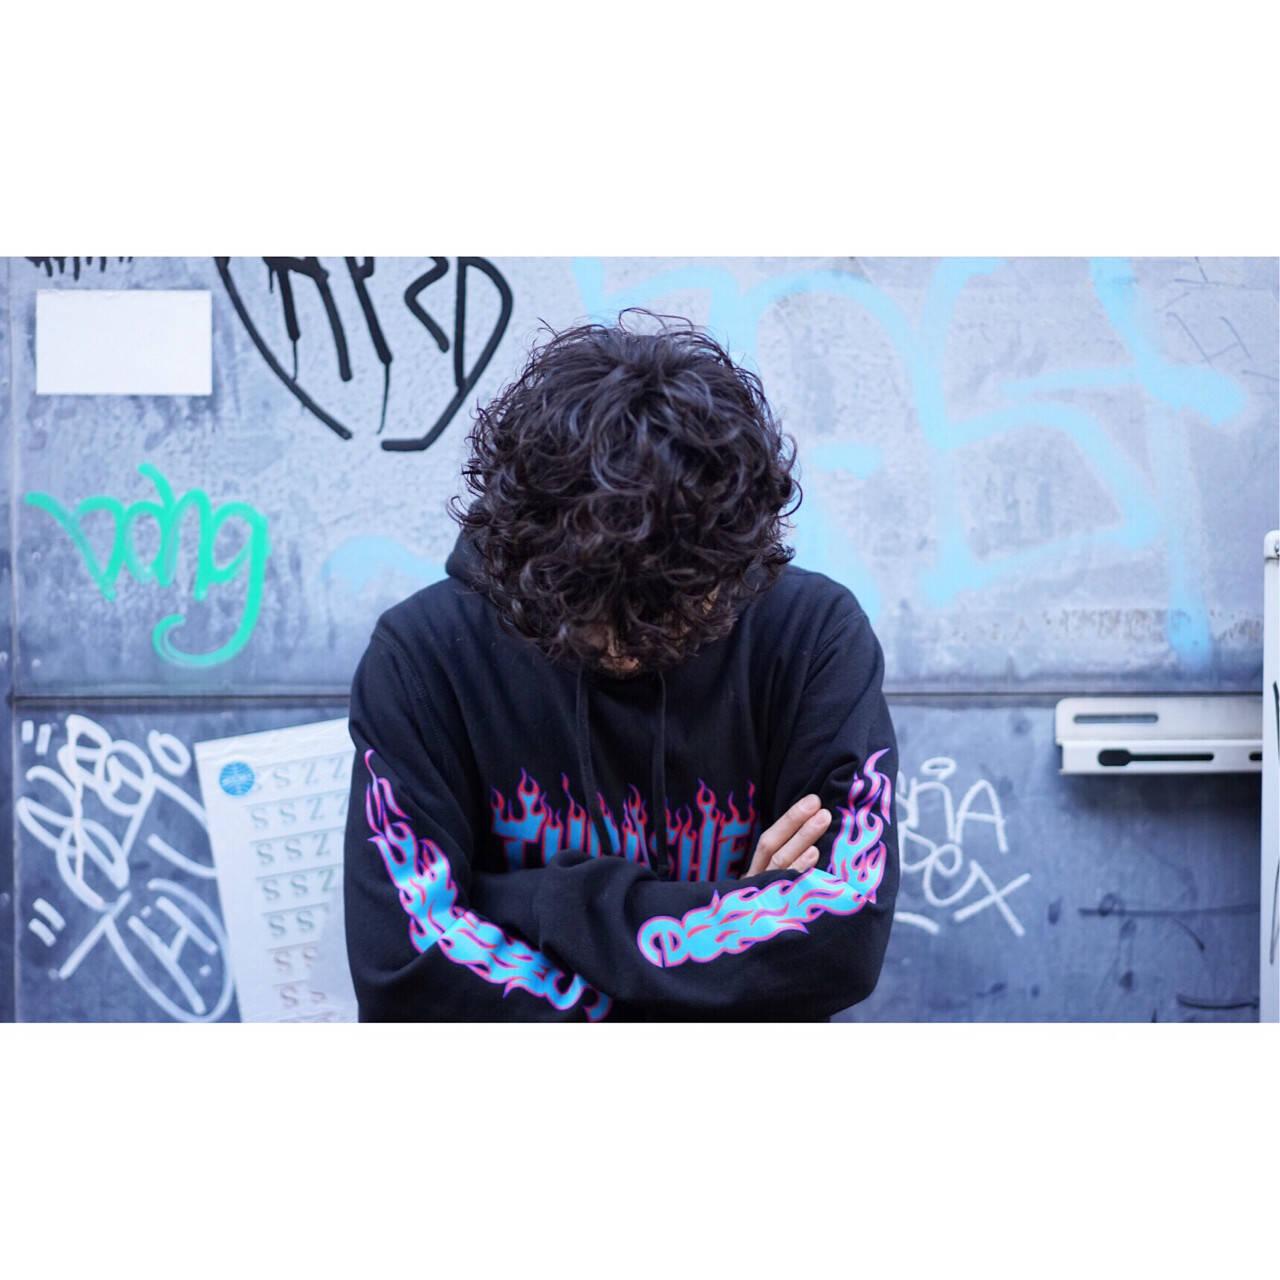 ガーリー メンズ ストリート スパイラルパーマヘアスタイルや髪型の写真・画像